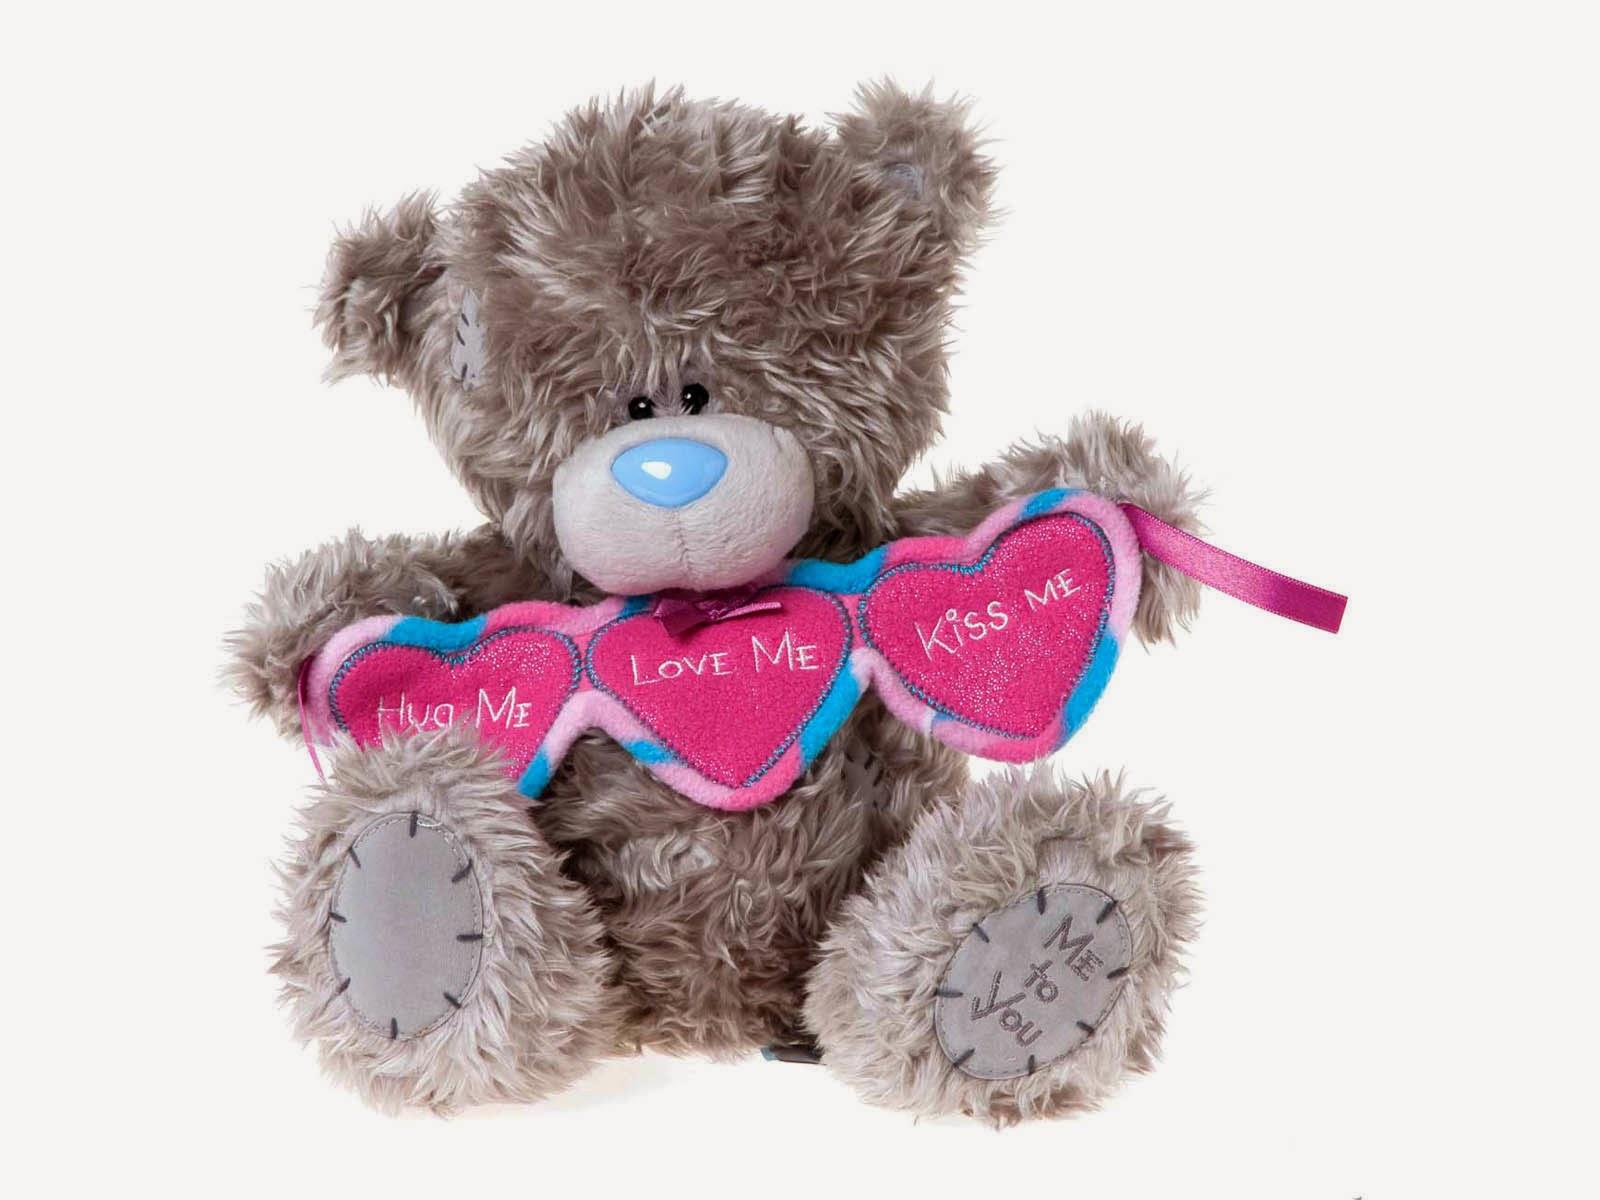 Cute Teddy Bear Hd Wallpaper Latest Hd Wallpapers